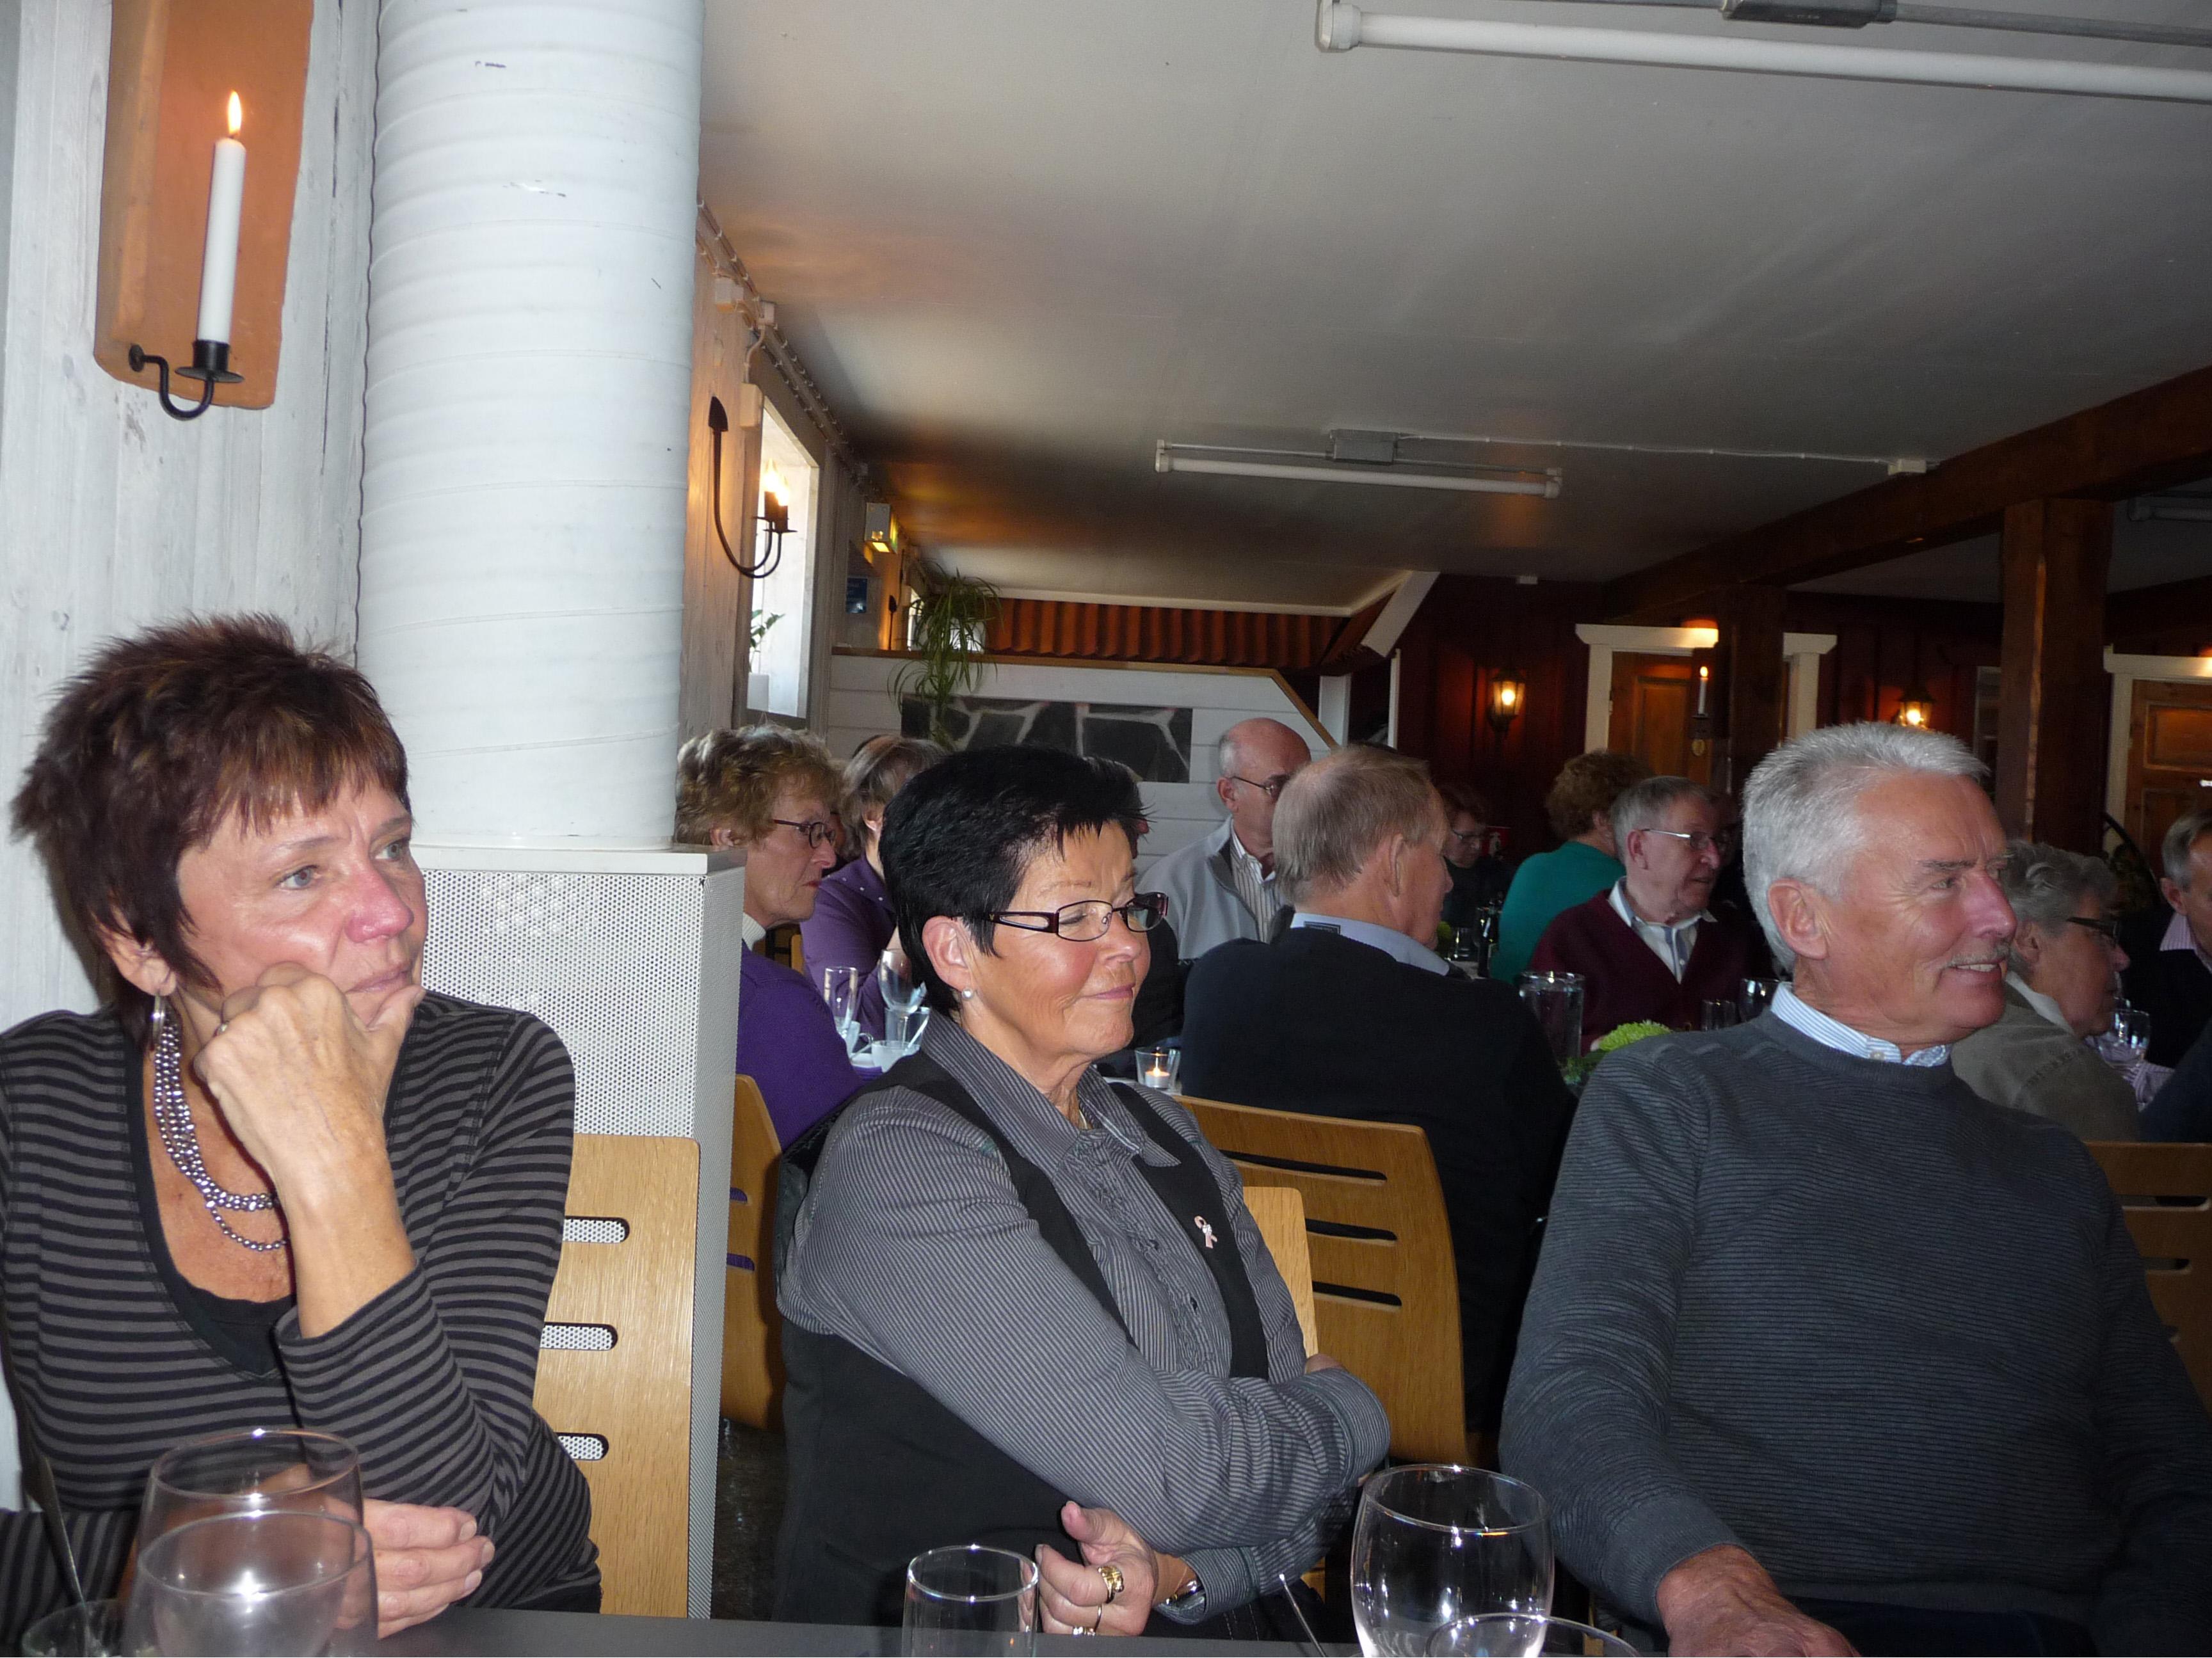 2009 Falbygdens ost och Wrågården - 03